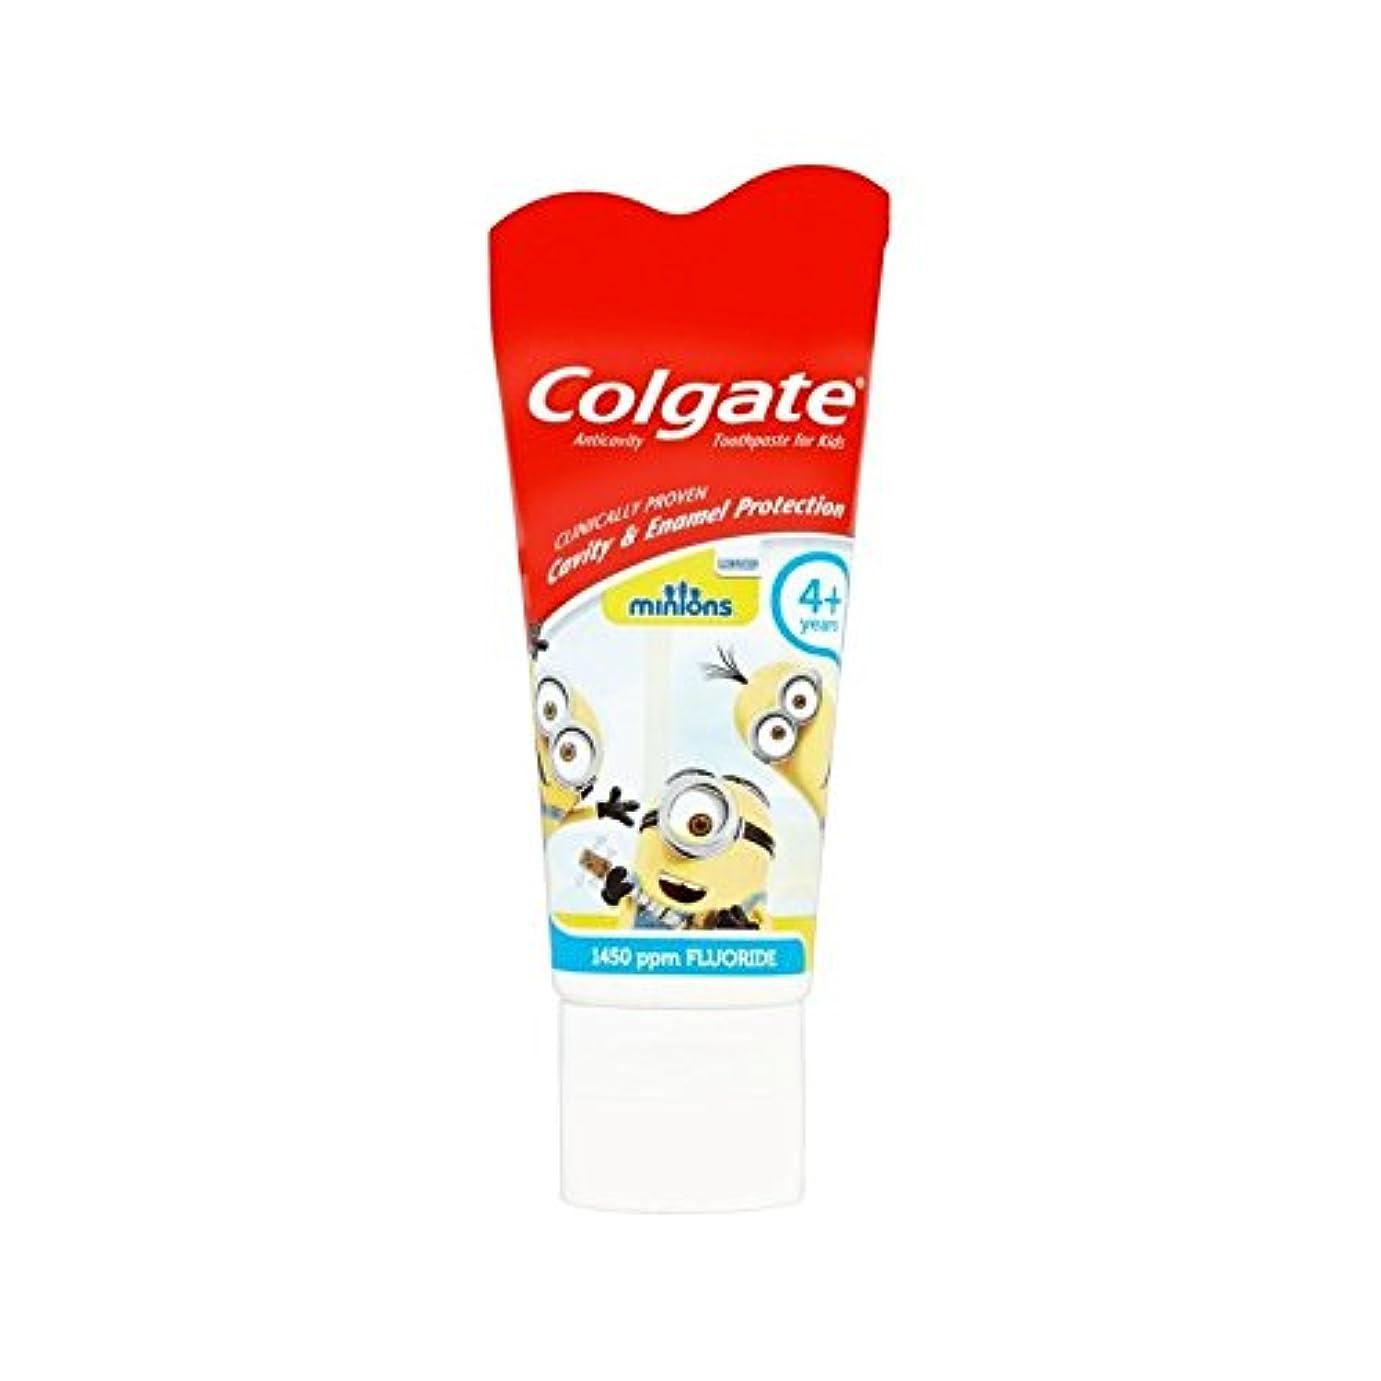 モード多様性カフェテリア手下の子供4+歯磨き粉50ミリリットル (Colgate) - Colgate Minions Kids 4+ Toothpaste 50ml [並行輸入品]